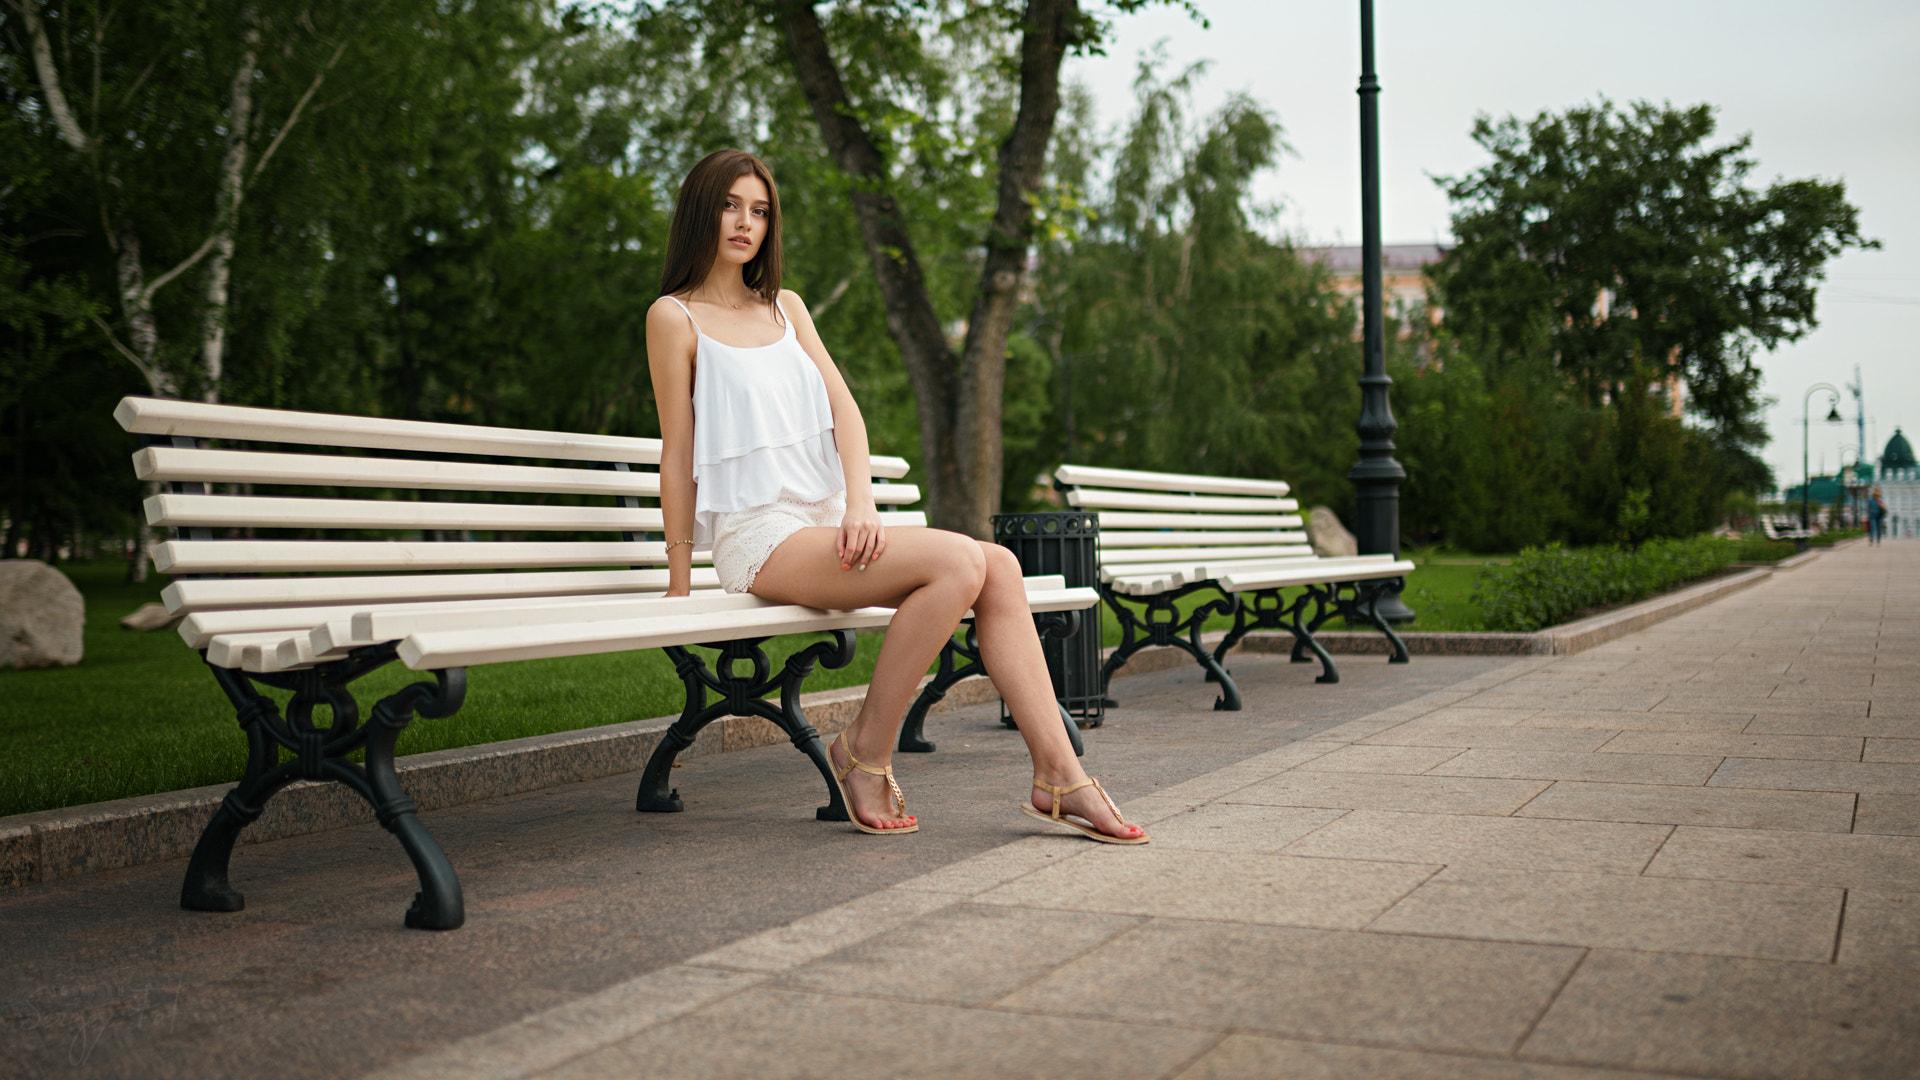 Подружка в парке на лавочке раздвинула ноги, порно фото русское с контакта